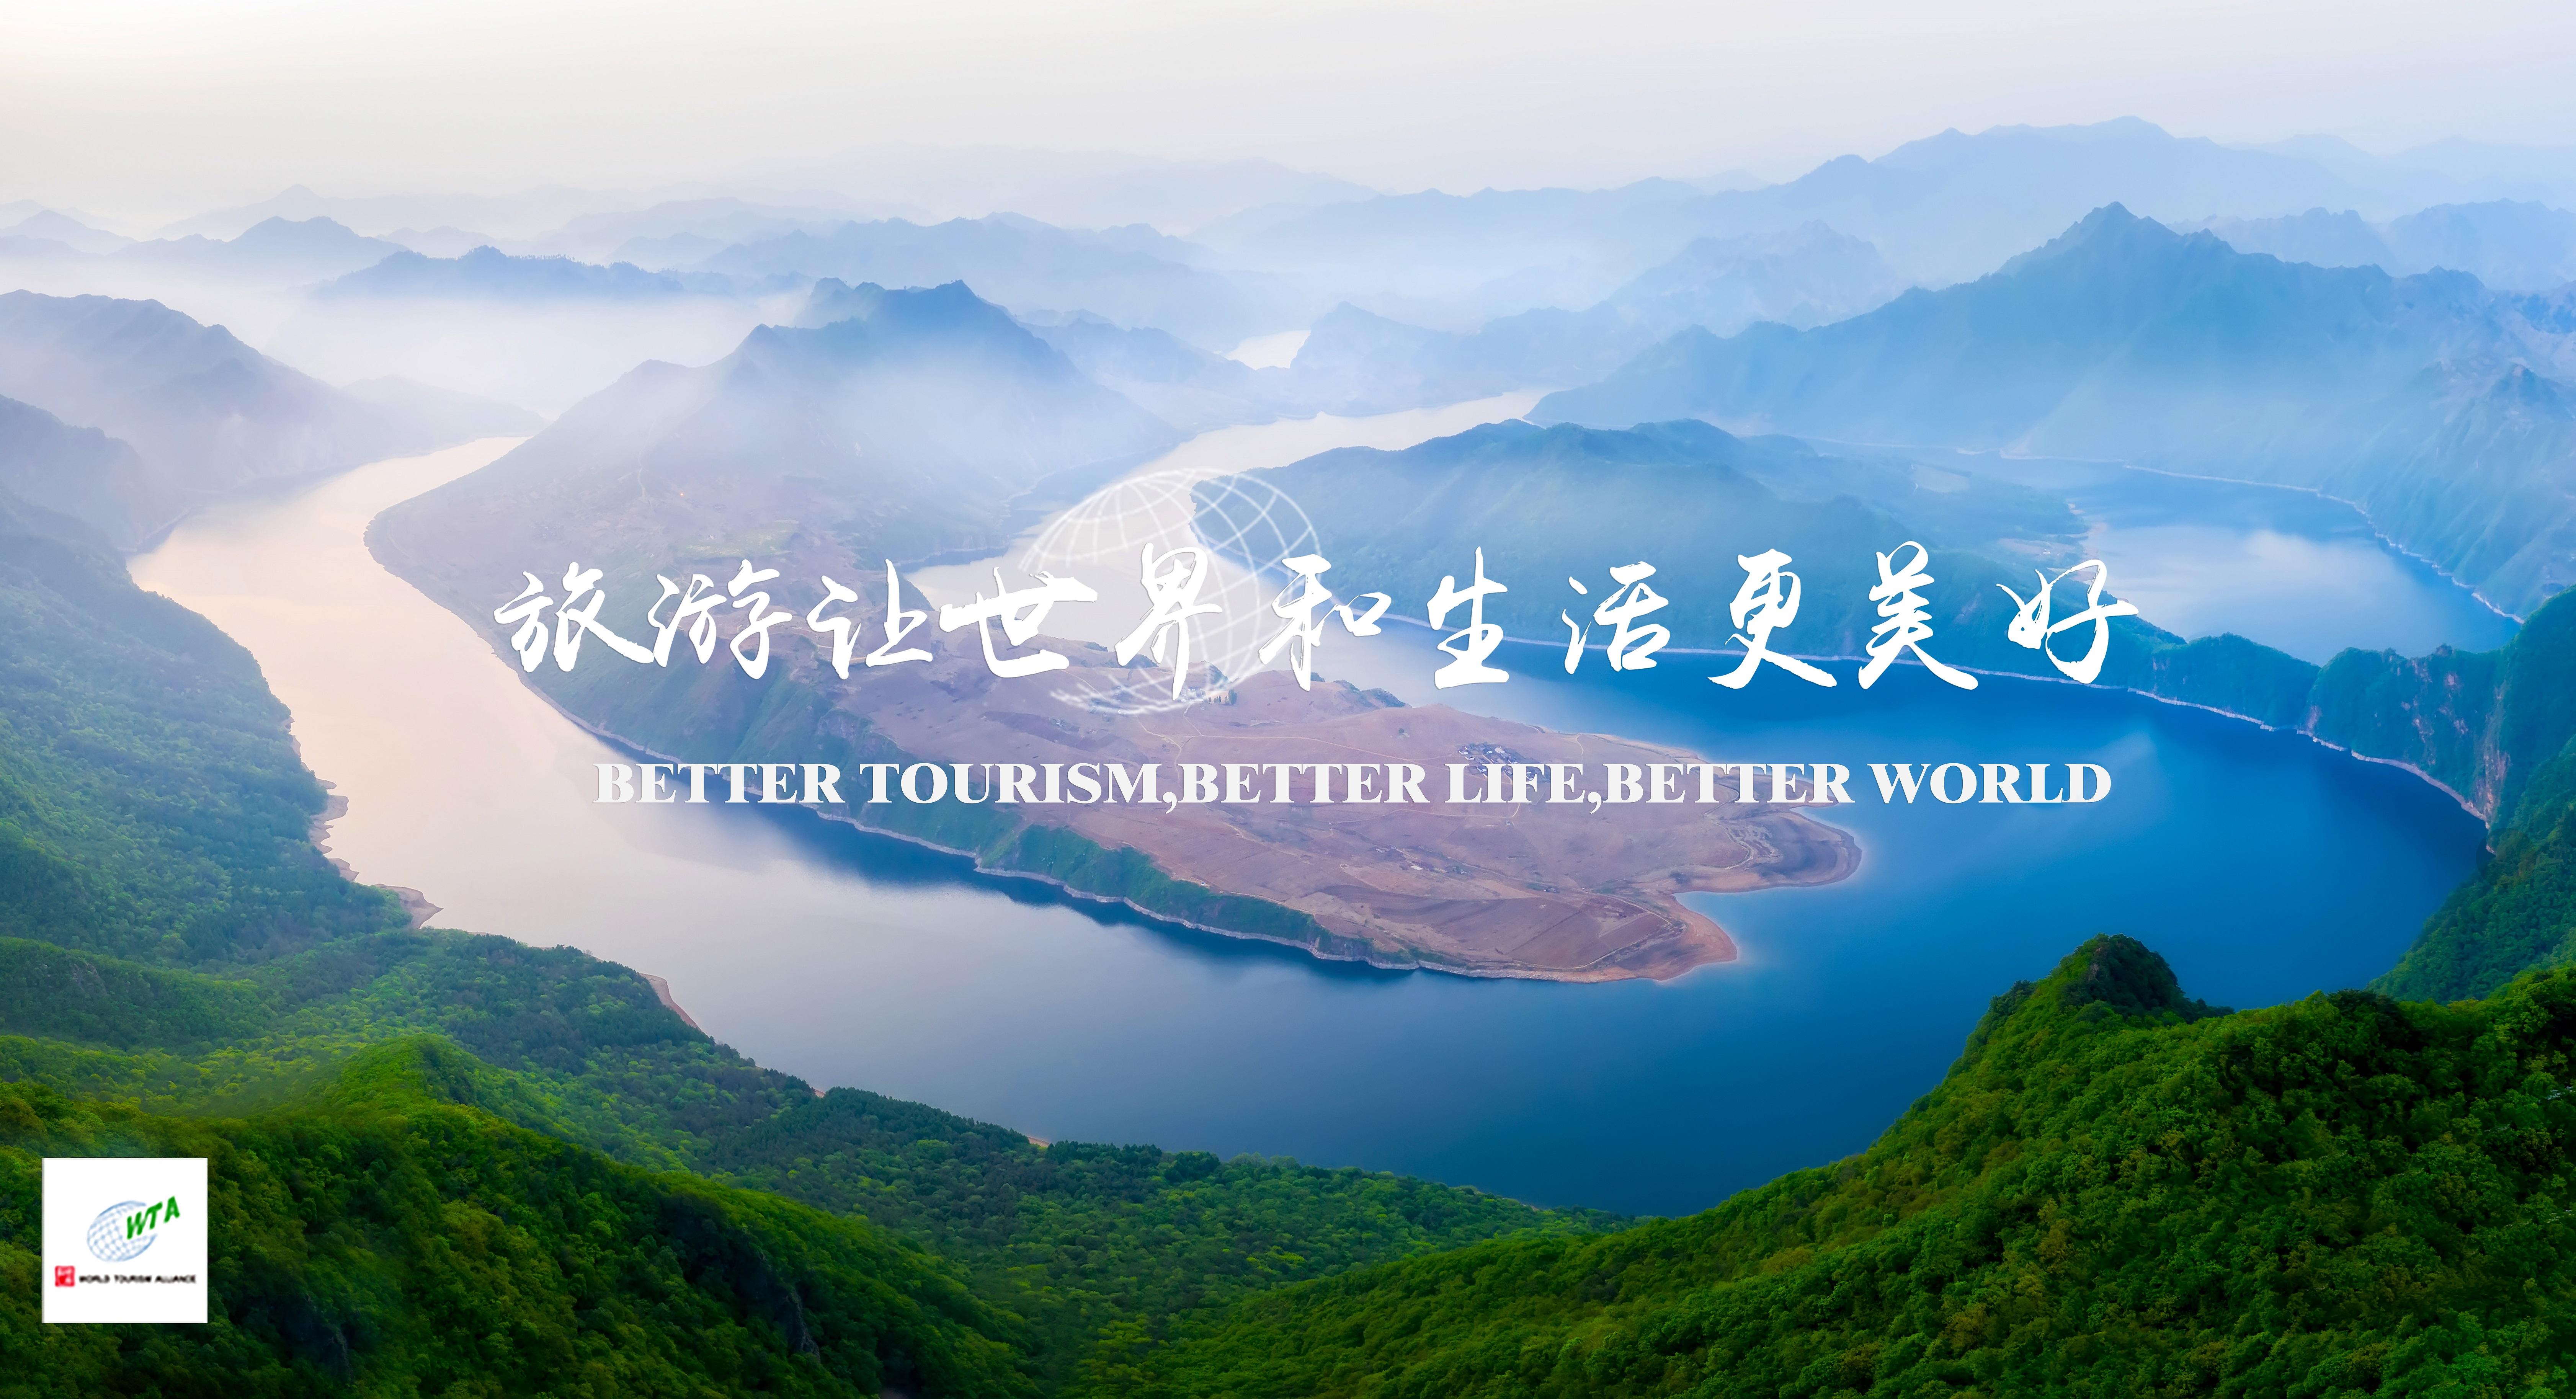 微记录《旅游让世界和生活更美好》第一季 | Better Tourism, Better Life, Better World S1